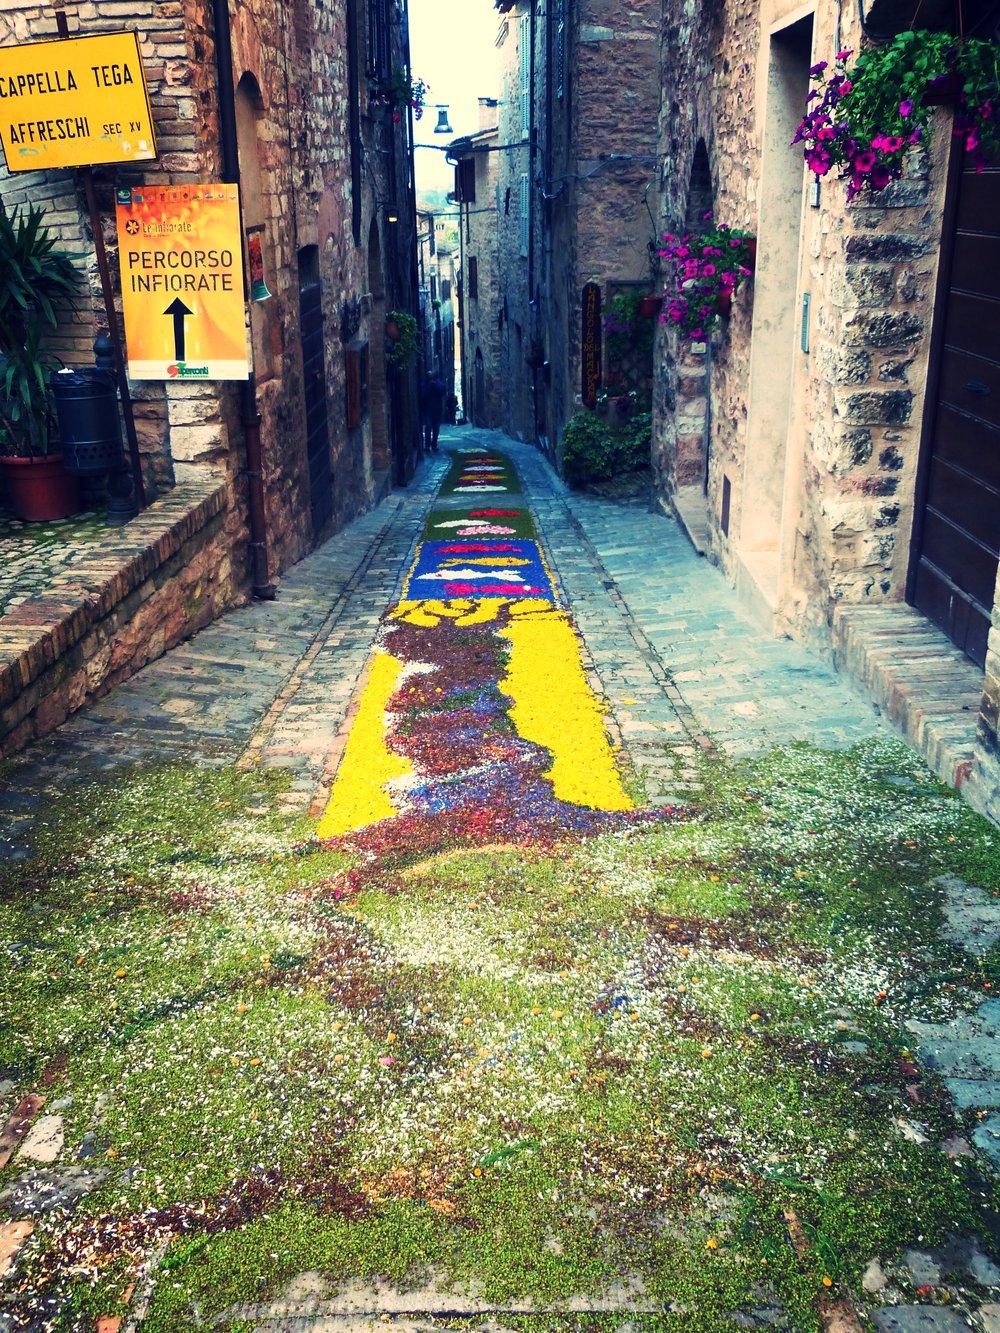 Infiorata in Spello, Umbria